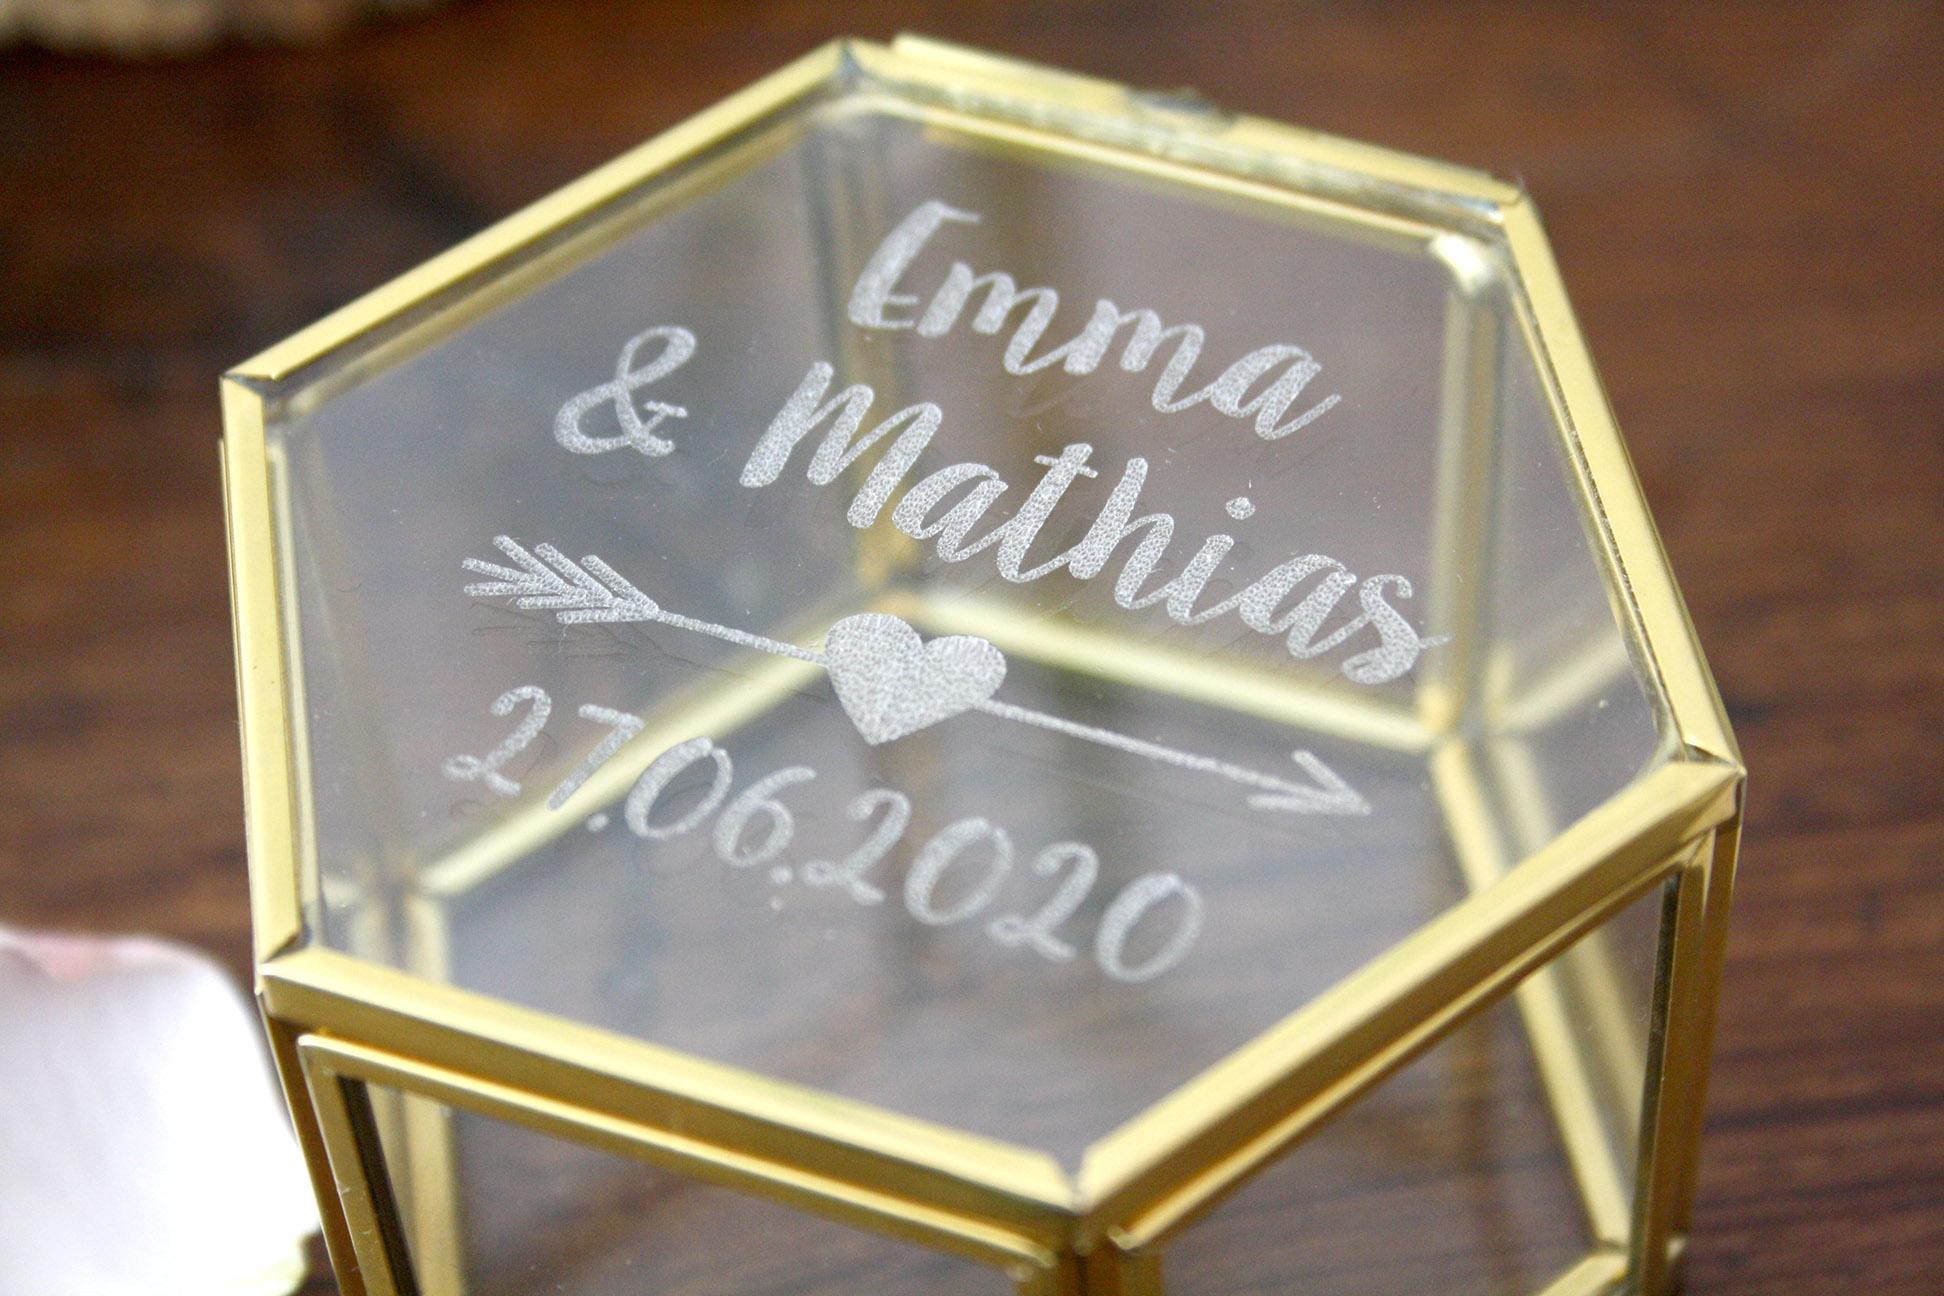 boite a alliances en verre et metal dore personnalisee avec vos prenoms et date graves forme hexagonale boite vitrine